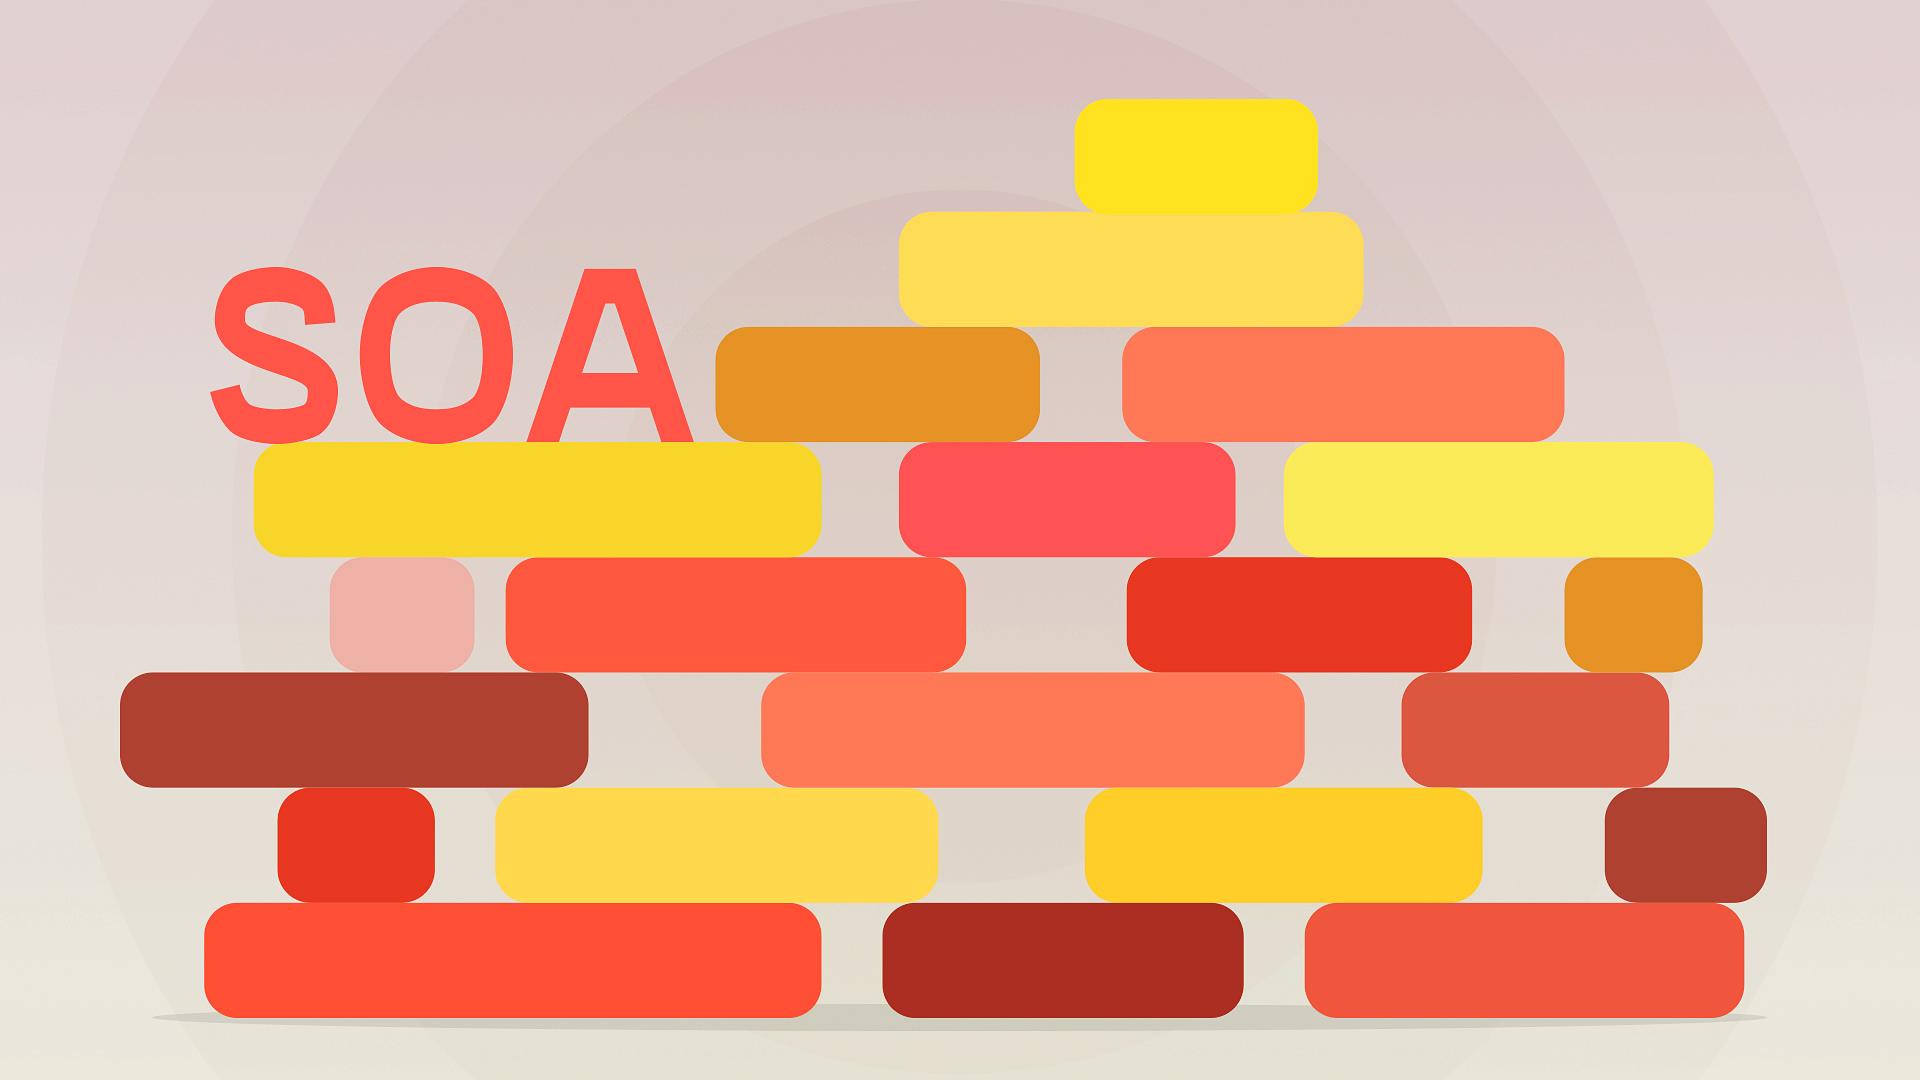 Вебинар Разработка SOA-приложения с помощью WCF фото